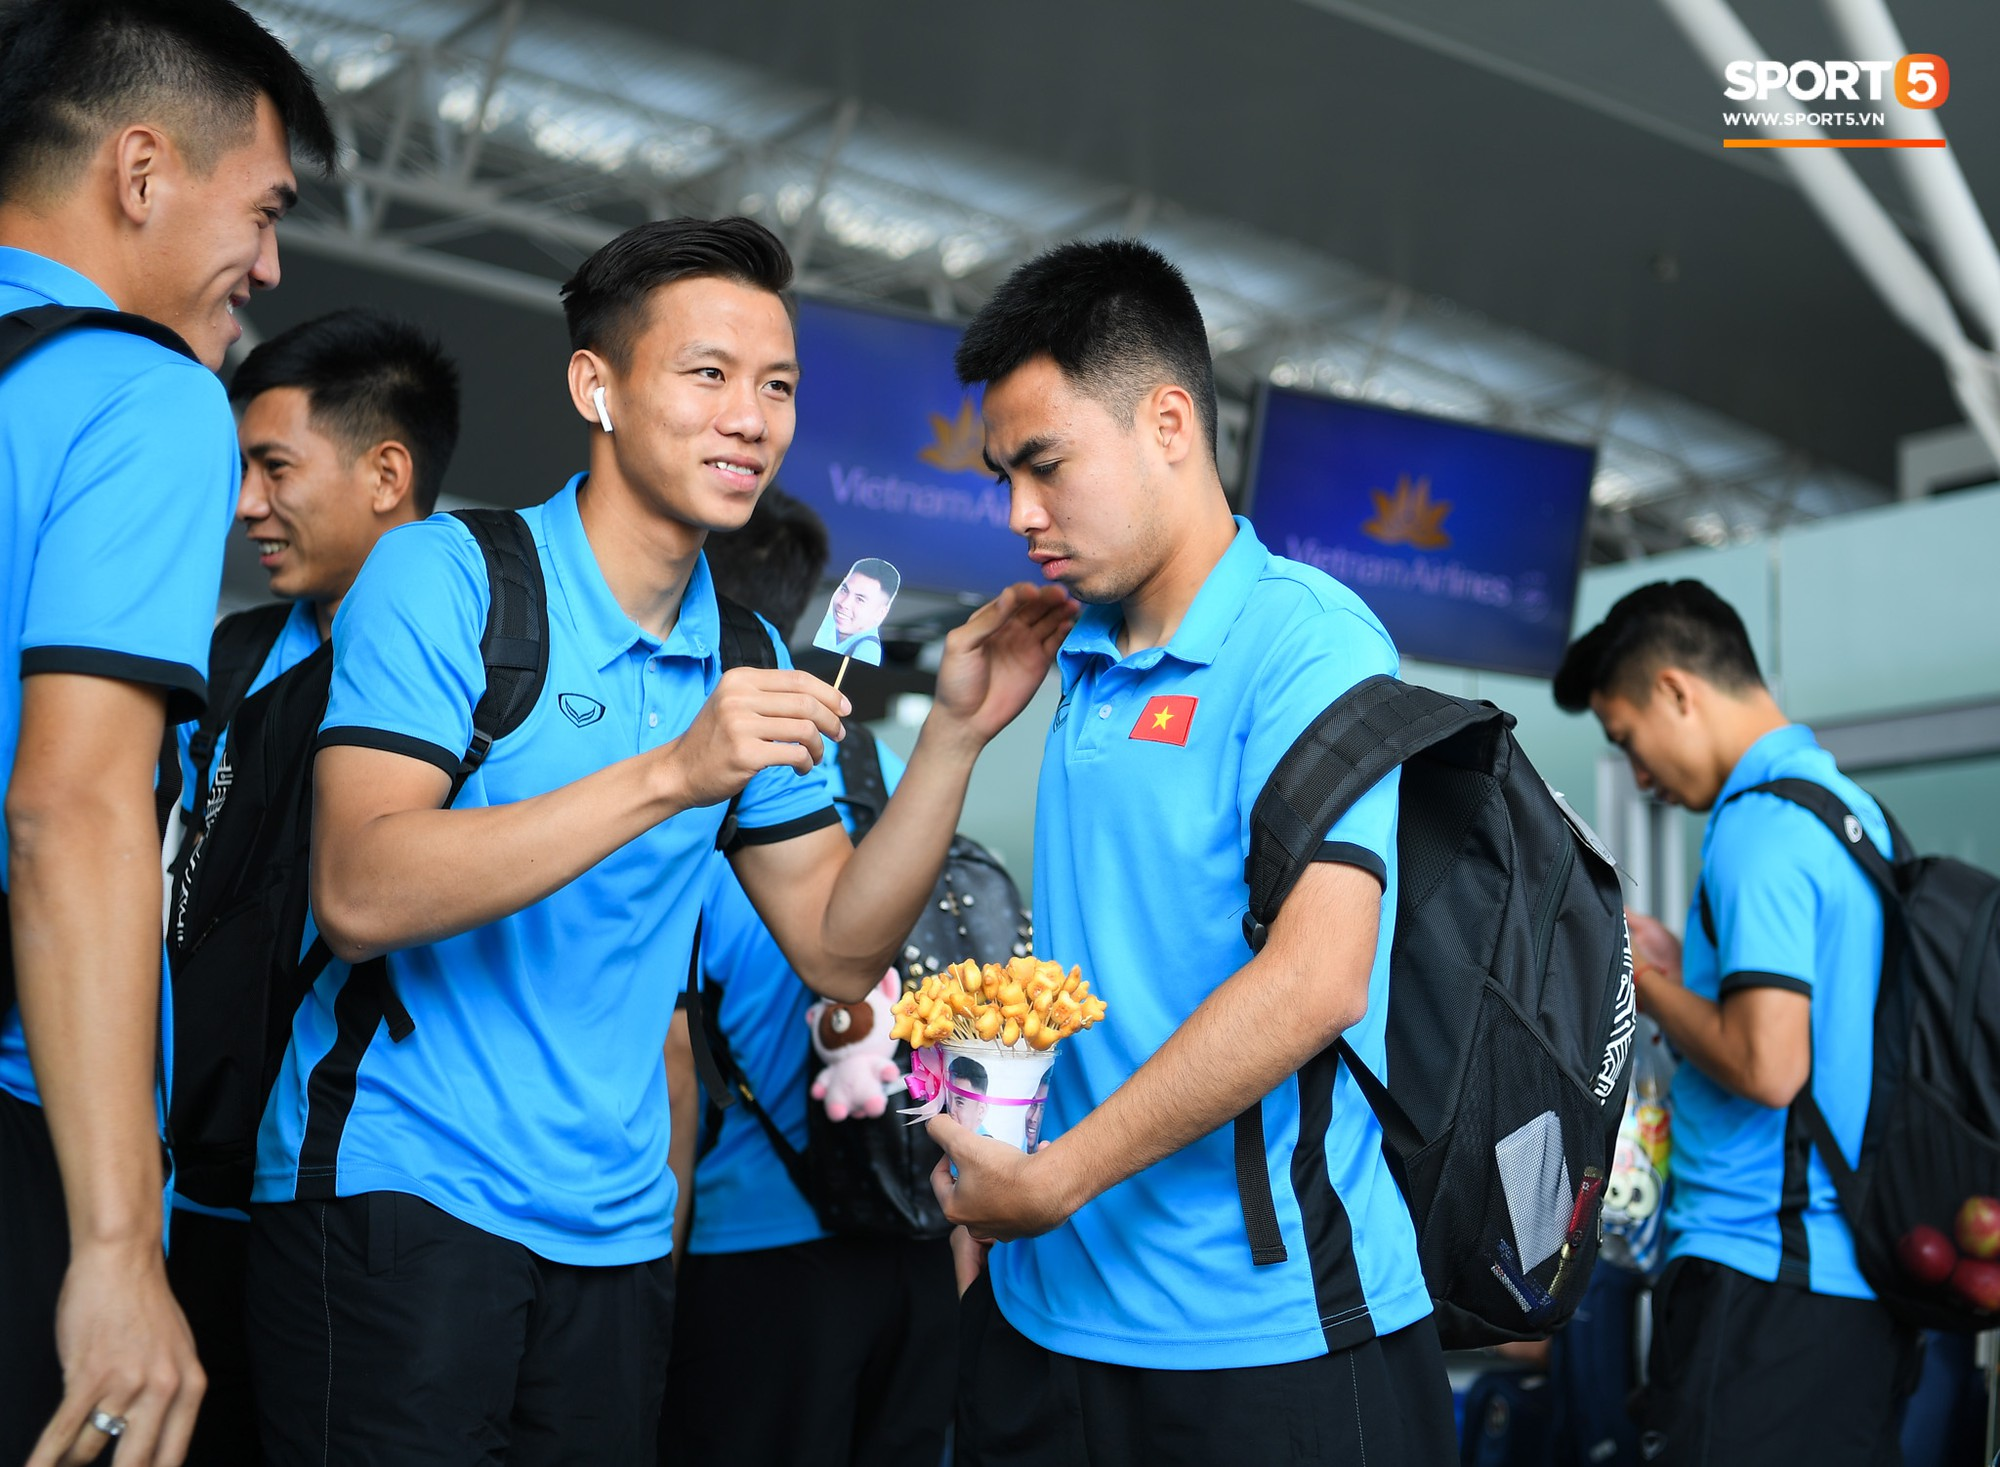 Tuyển thủ Việt Nam tranh nhau ăn bánh gấu của Hoàng tử Ả-rập trước giờ bay sang Philippines dự bán kết AFF Cup 2018 - Ảnh 5.